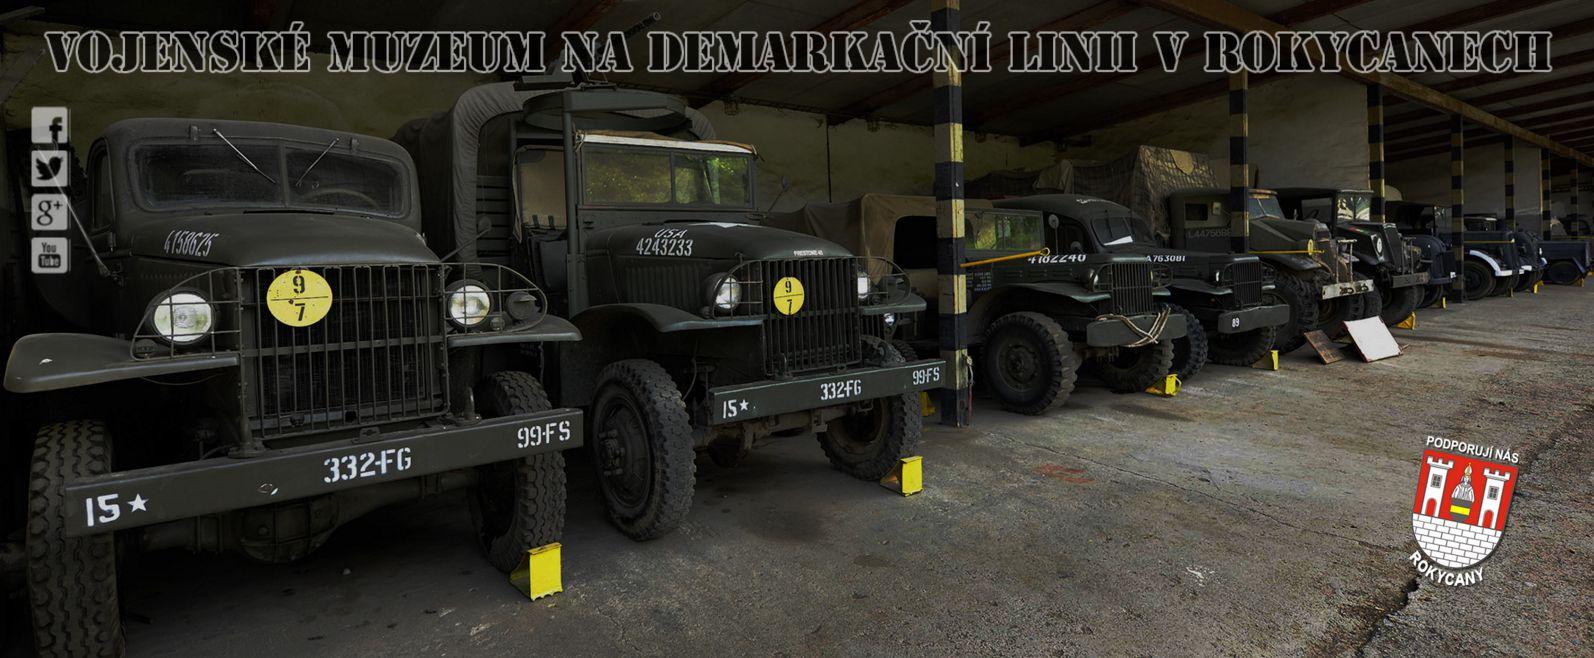 oslavy osvobození - vojenské muzeum